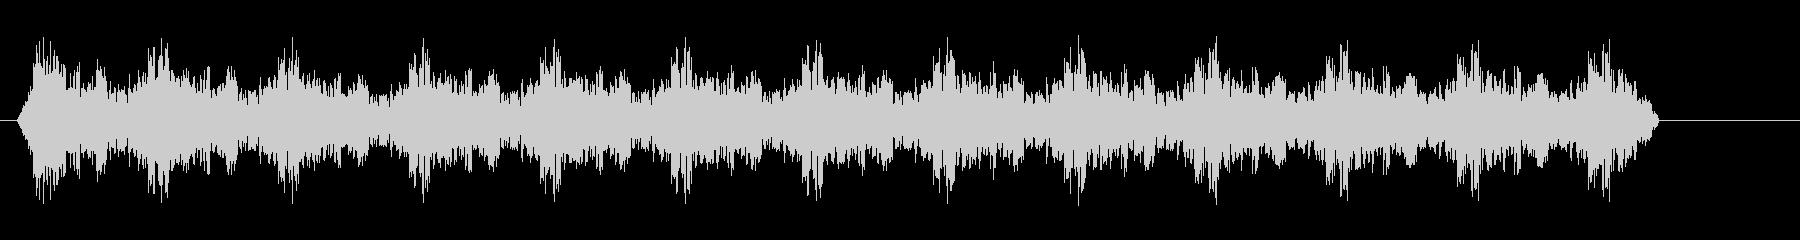 サイレンブラジルパトカー-サイレン2の未再生の波形